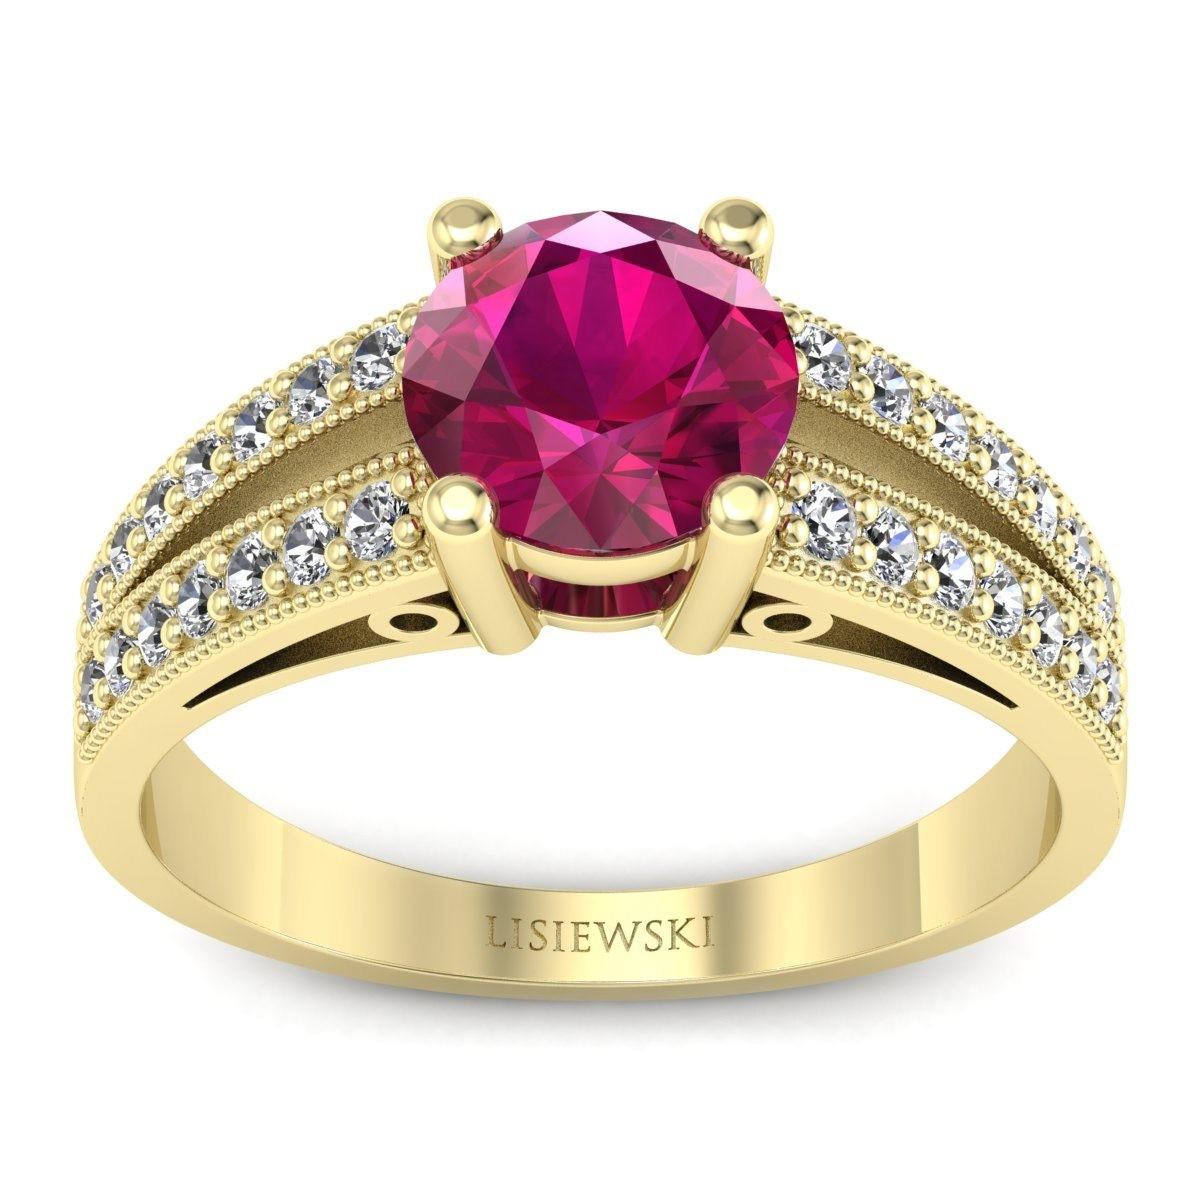 San Marino Złoty pierścionek z rubinem i diamentami